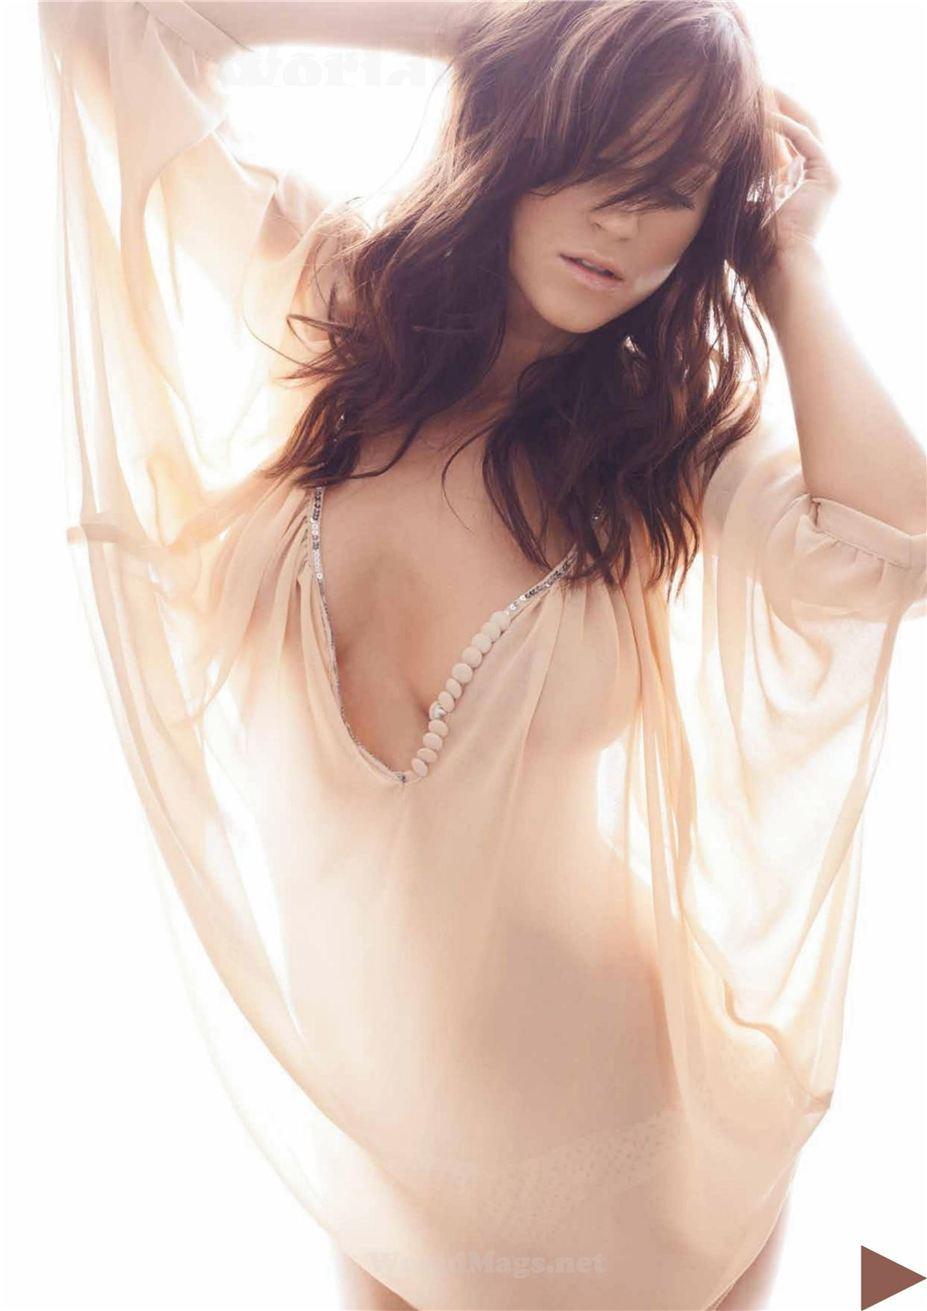 Лучшие фотографии сексуальной Рози Джонс / Best of Rosie Jones Special - Nuts Magazine